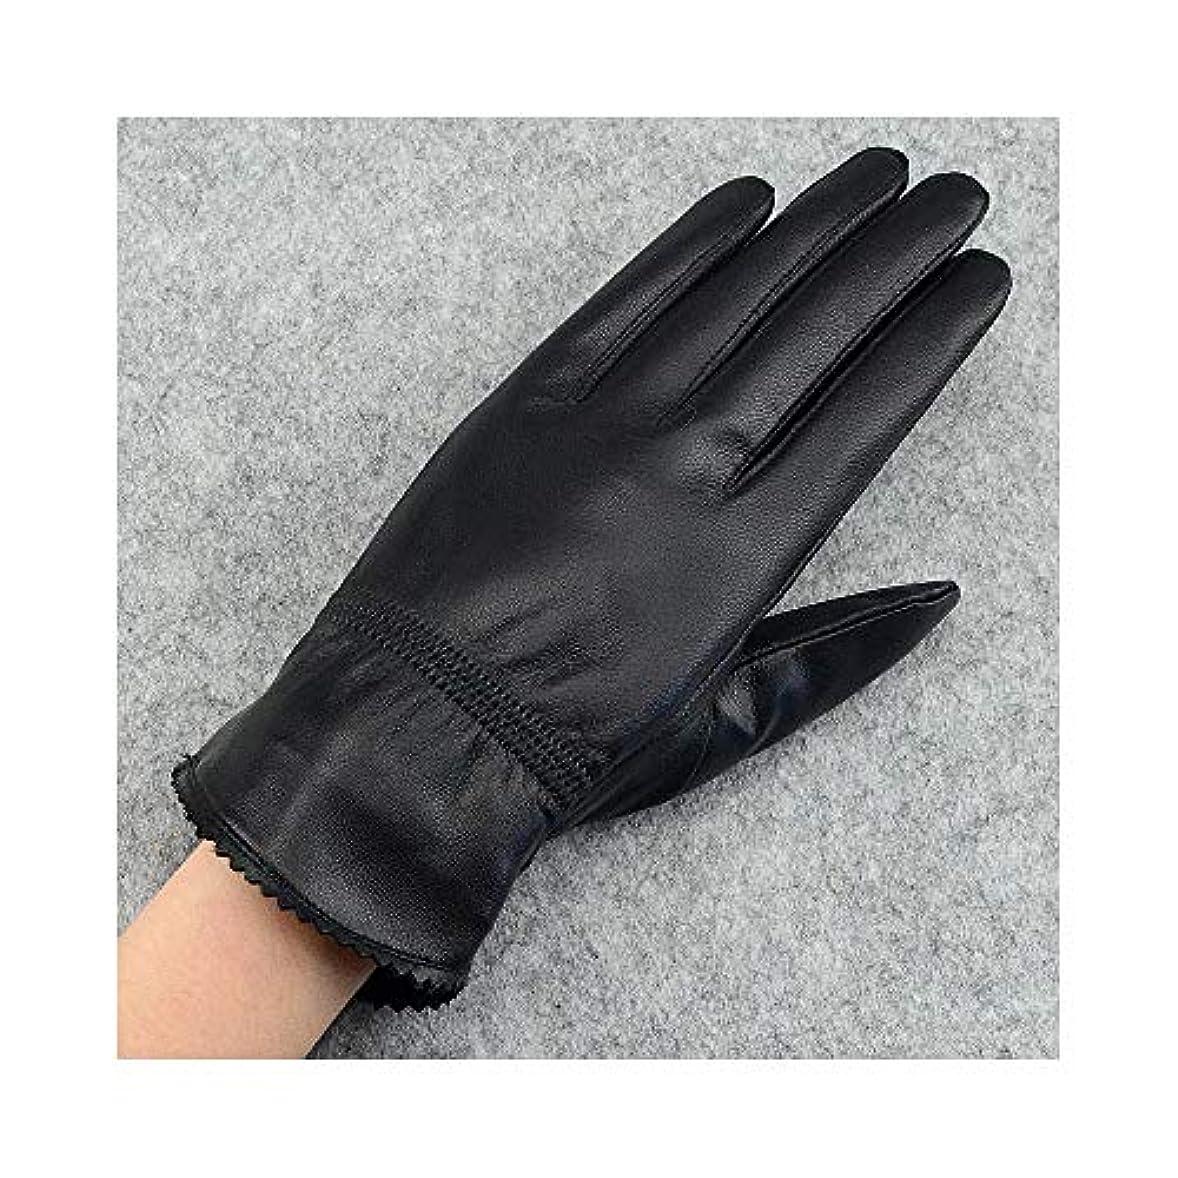 胚芽迷惑浮くBAJIMI 手袋 グローブ レディース/メンズ ハンド ケア ファッション女性の革の手袋は、秋と冬の暖かい冬の乗馬用手袋を厚くする 裏起毛 おしゃれ 手触りが良い 運転 耐磨耗性 換気性